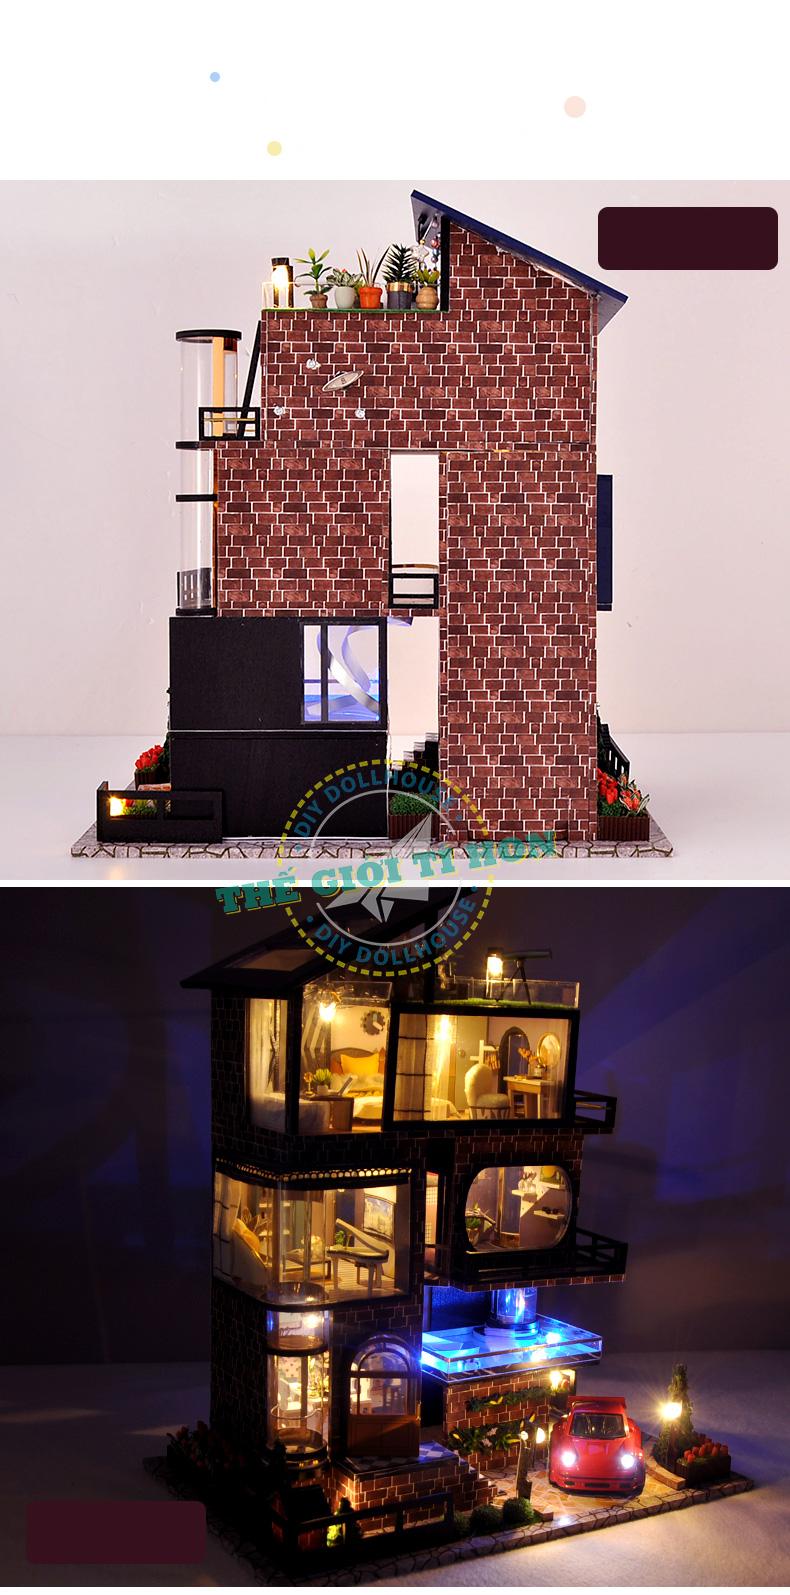 mô hình biệt thự nhà gỗ tí hon phong cách hiện đại sang trọng tự lắp ghép - tb21 (1)